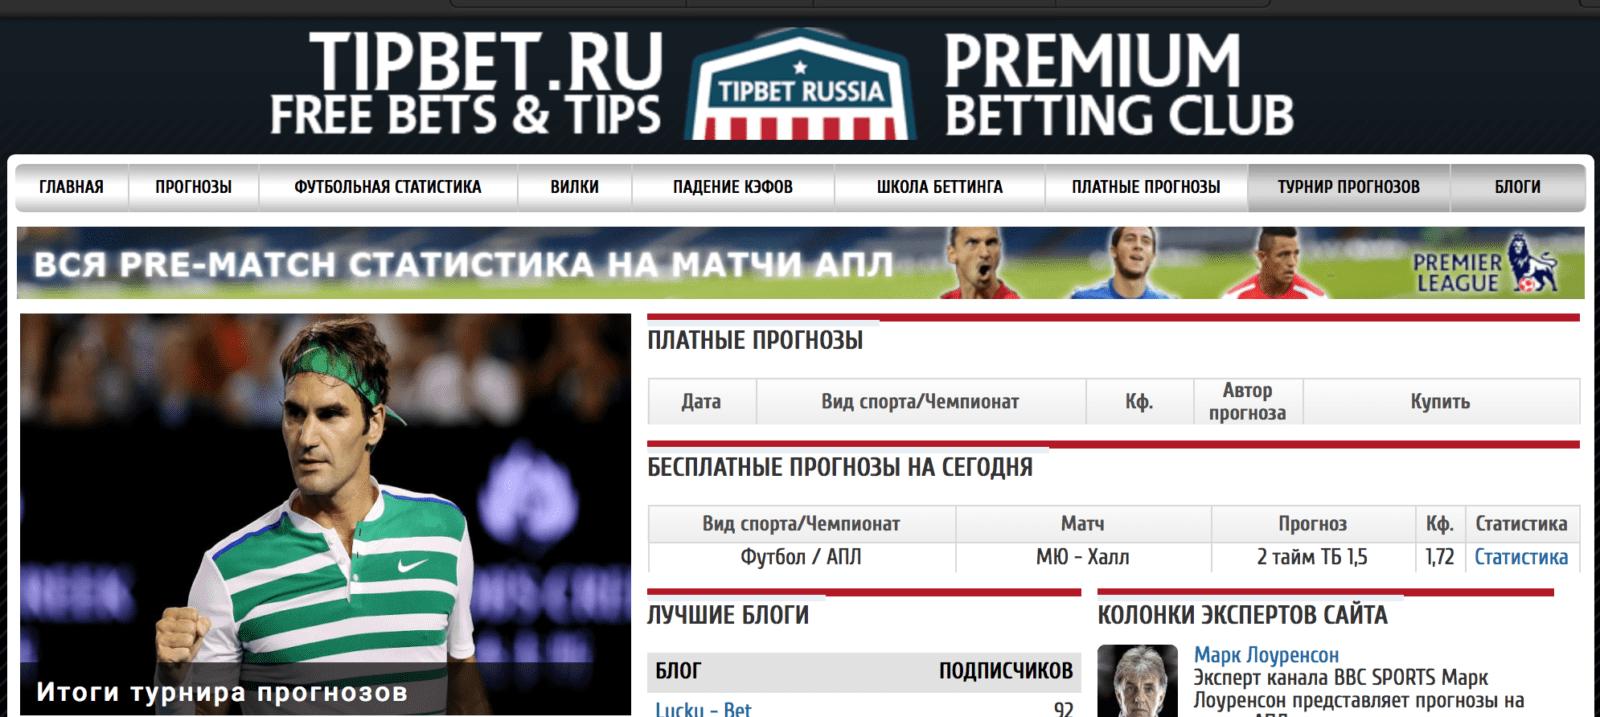 Отзывы о проекте TipBet.ru (ТипБет.ру)